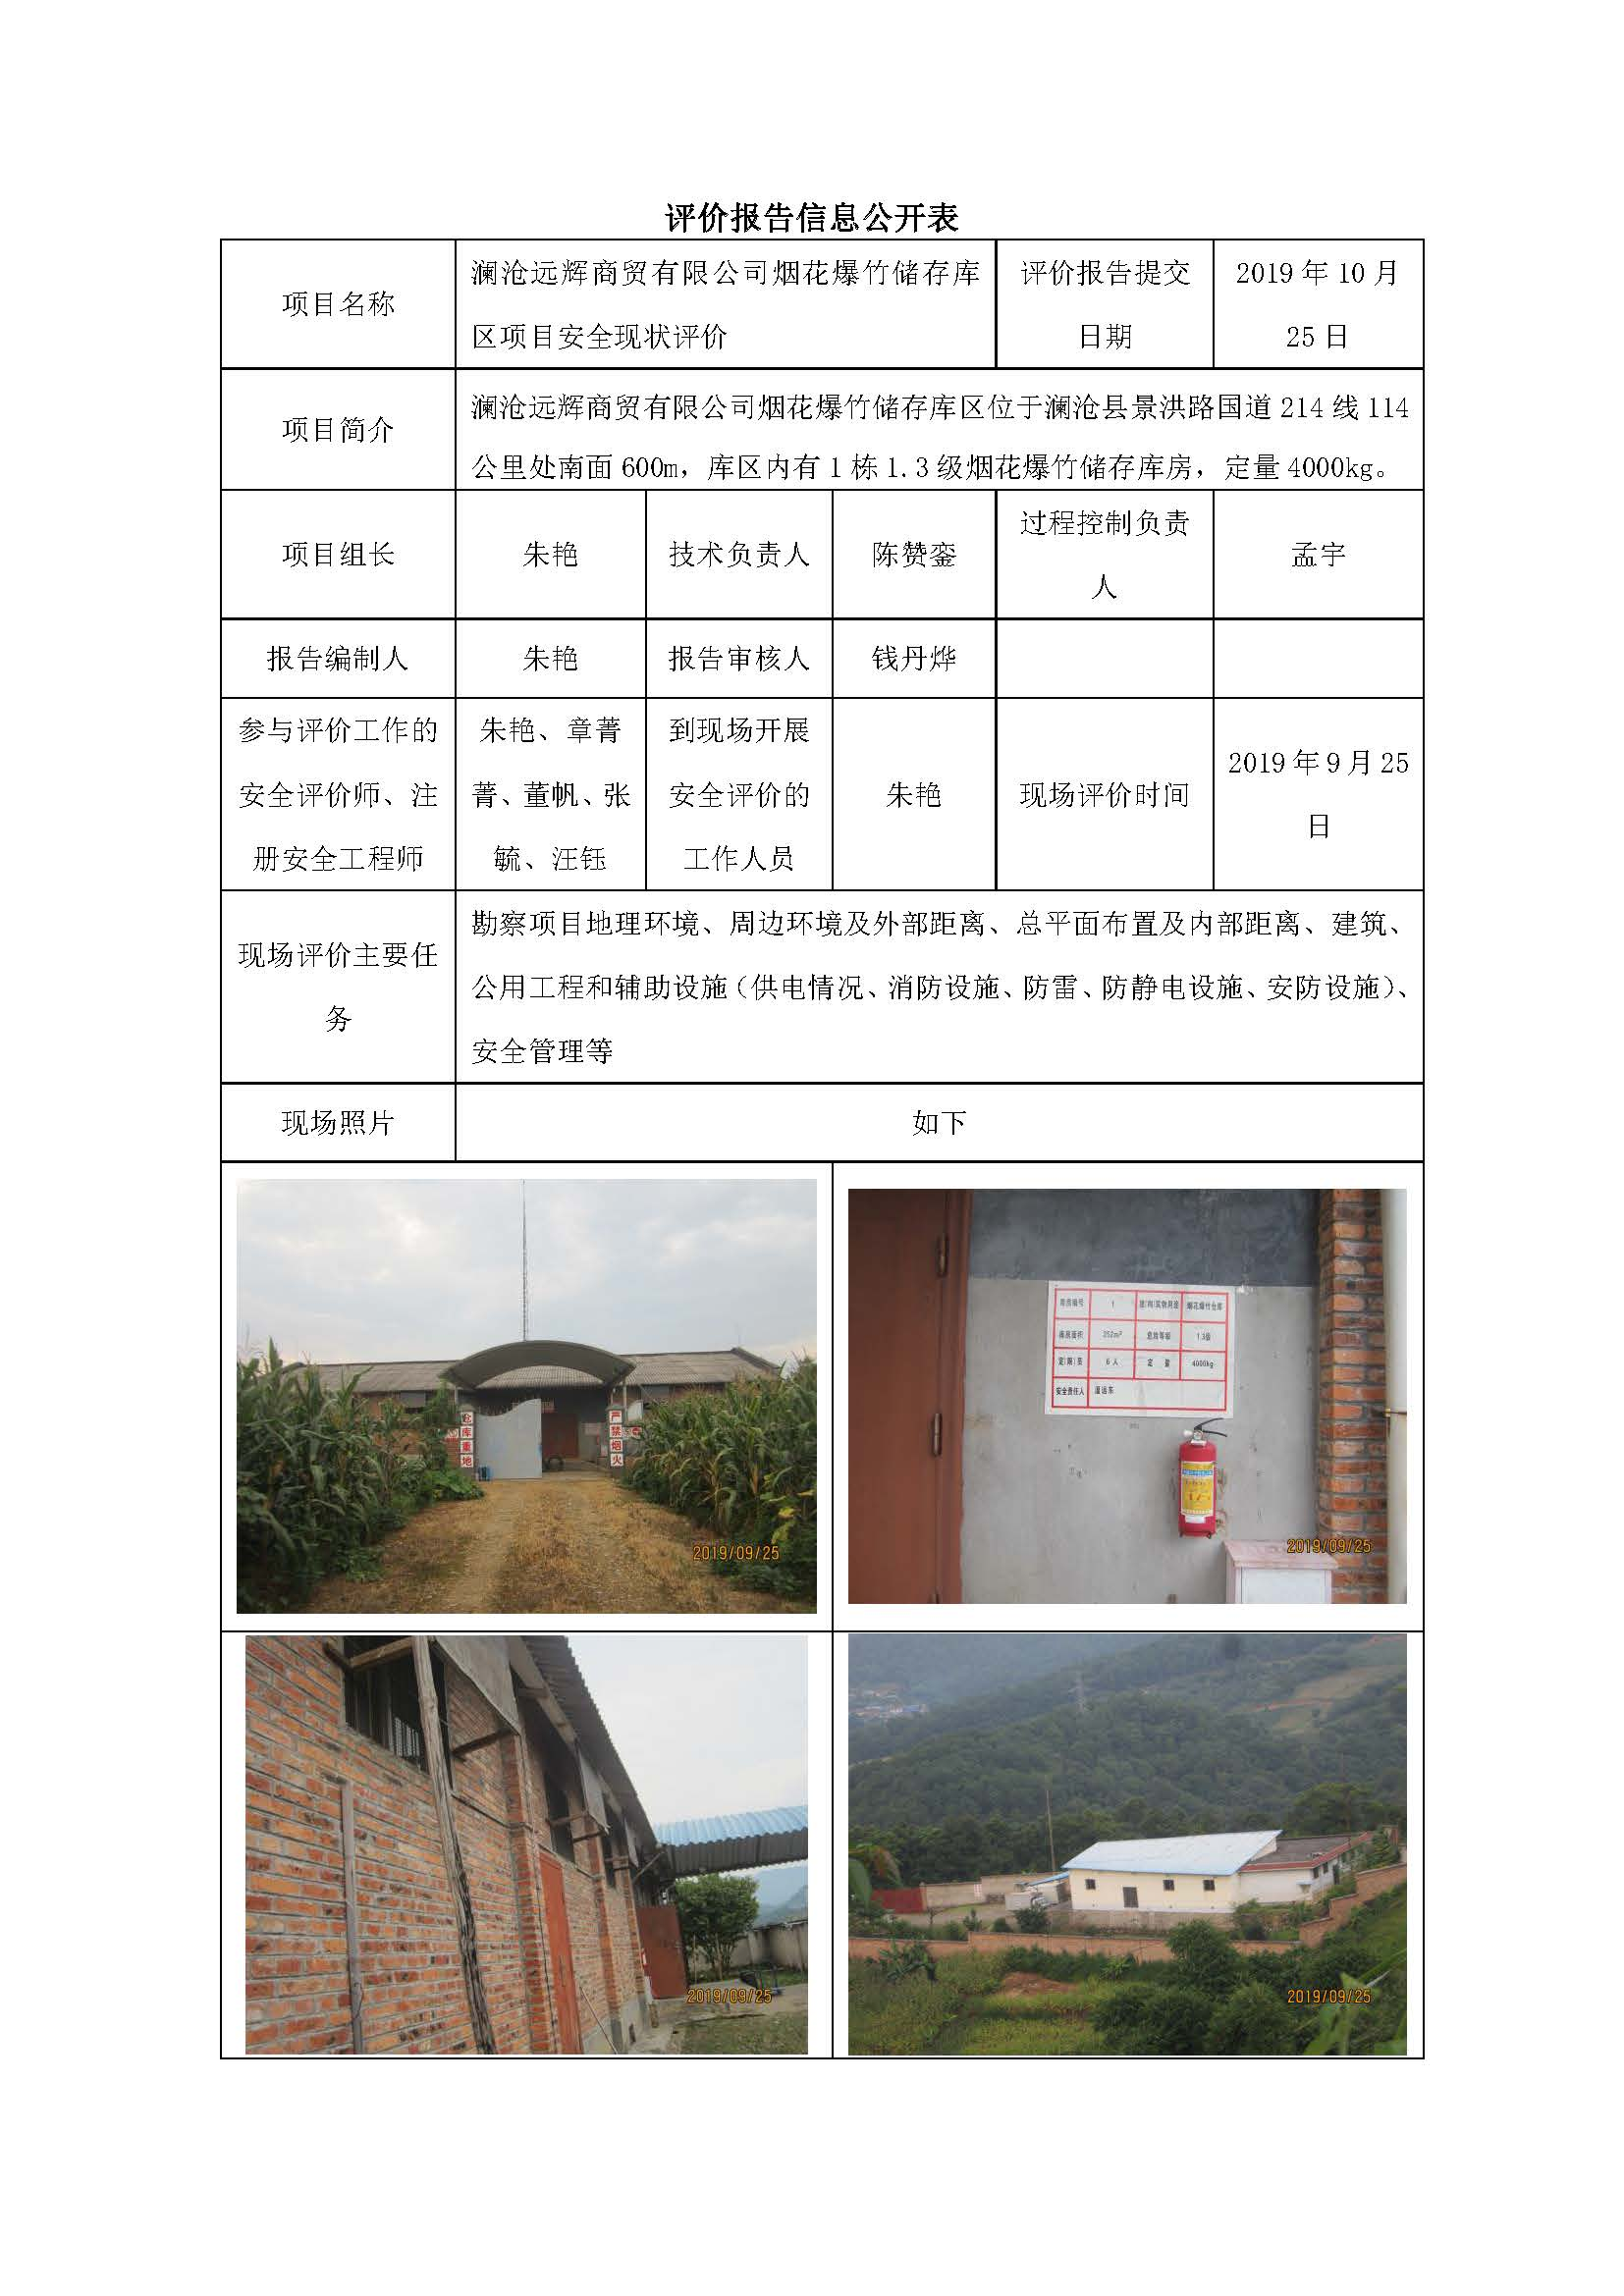 13信息公开表(澜沧远辉商贸有限责任公司).jpg